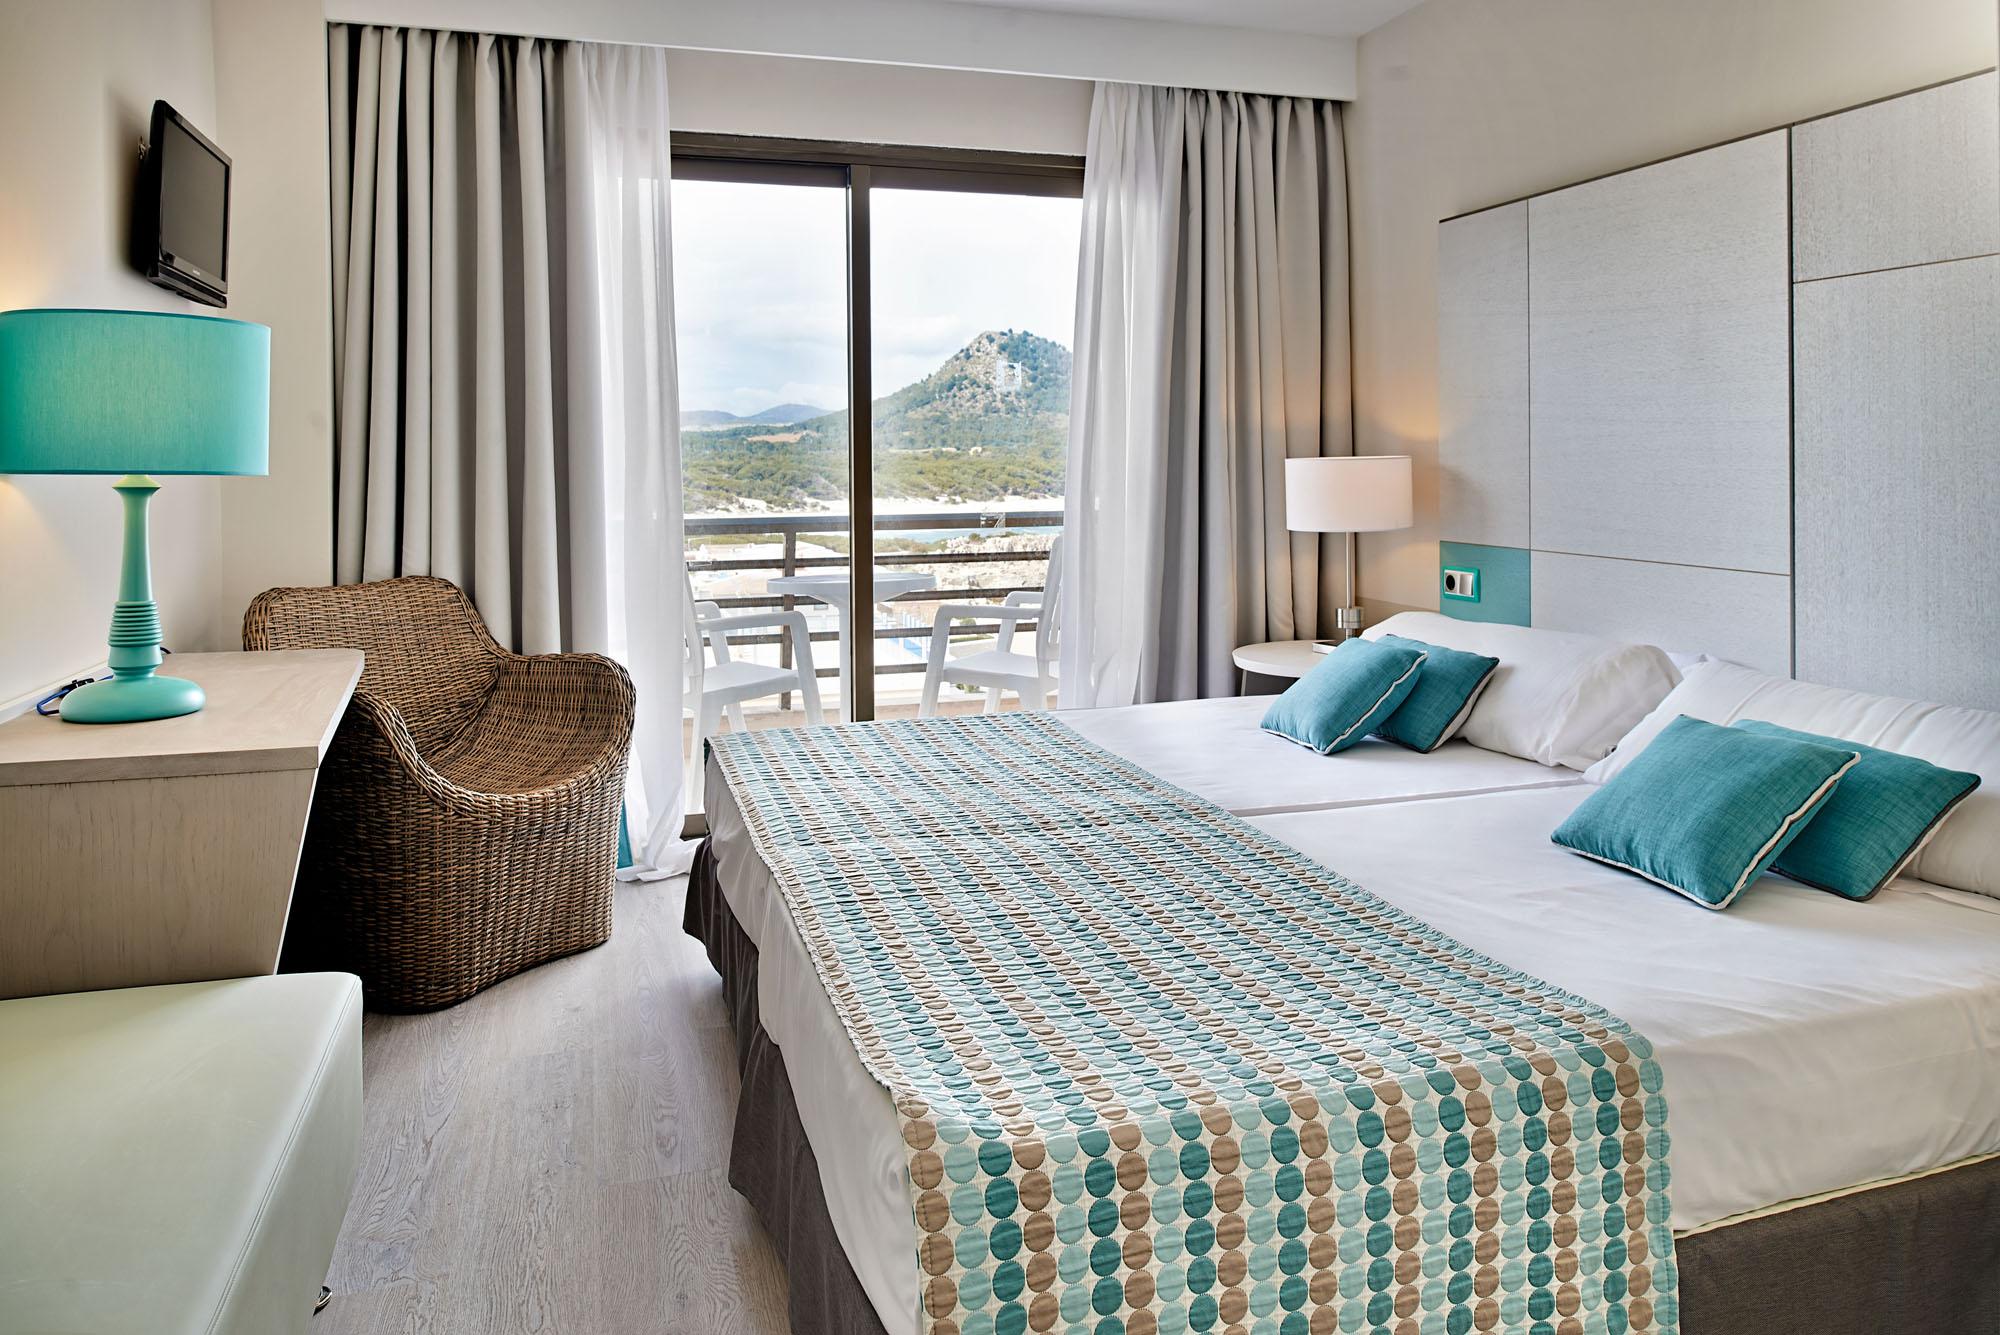 VINCCI BOSC DE MAR (EX HOTEL LUX)